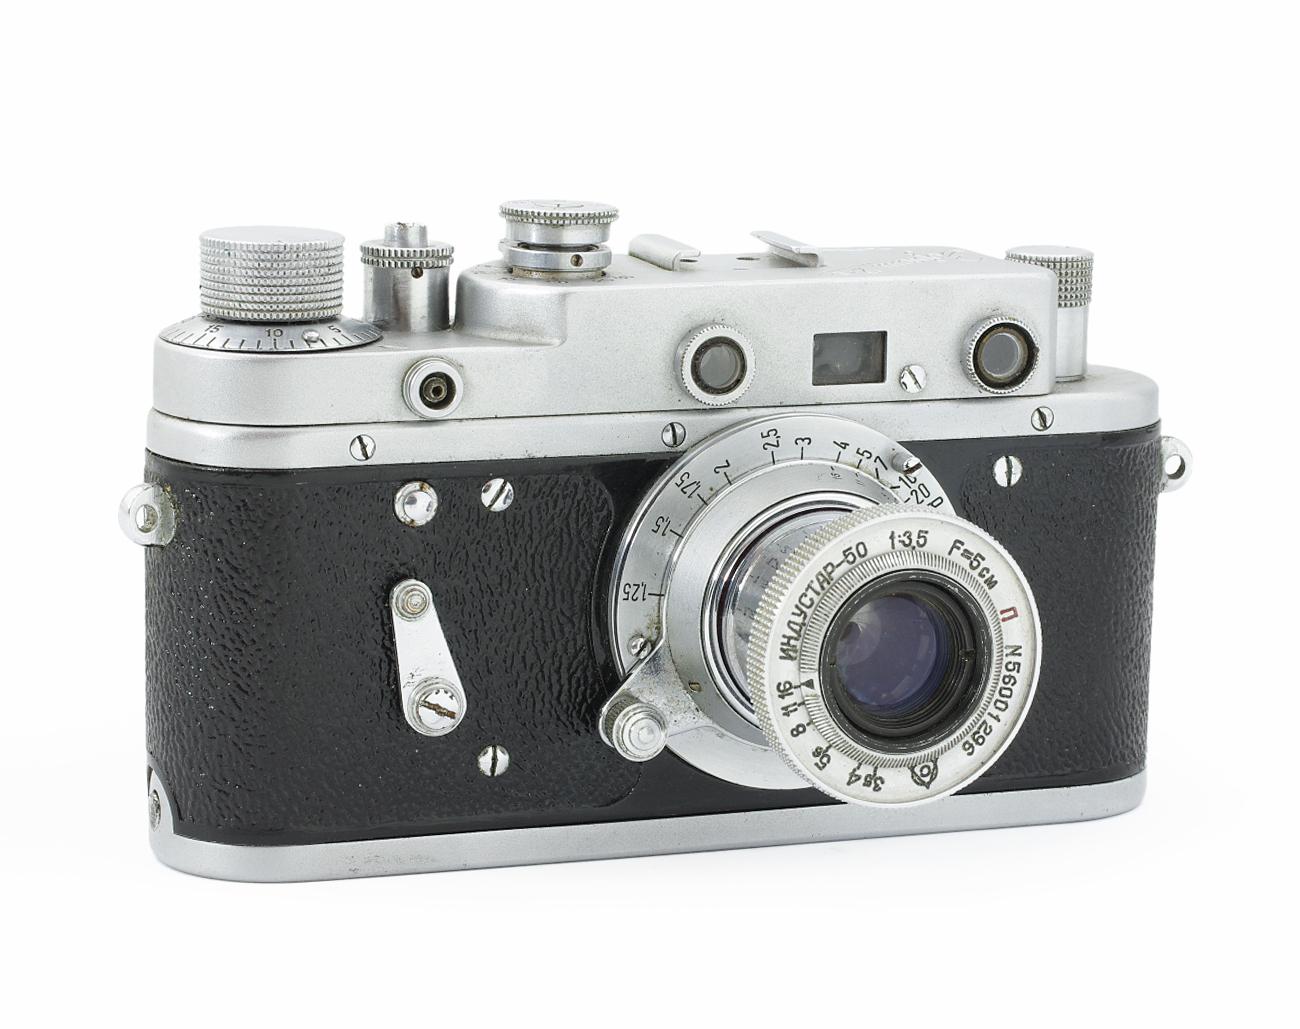 моё счастье, современные дальномерные фотоаппараты эмоции неподдельные